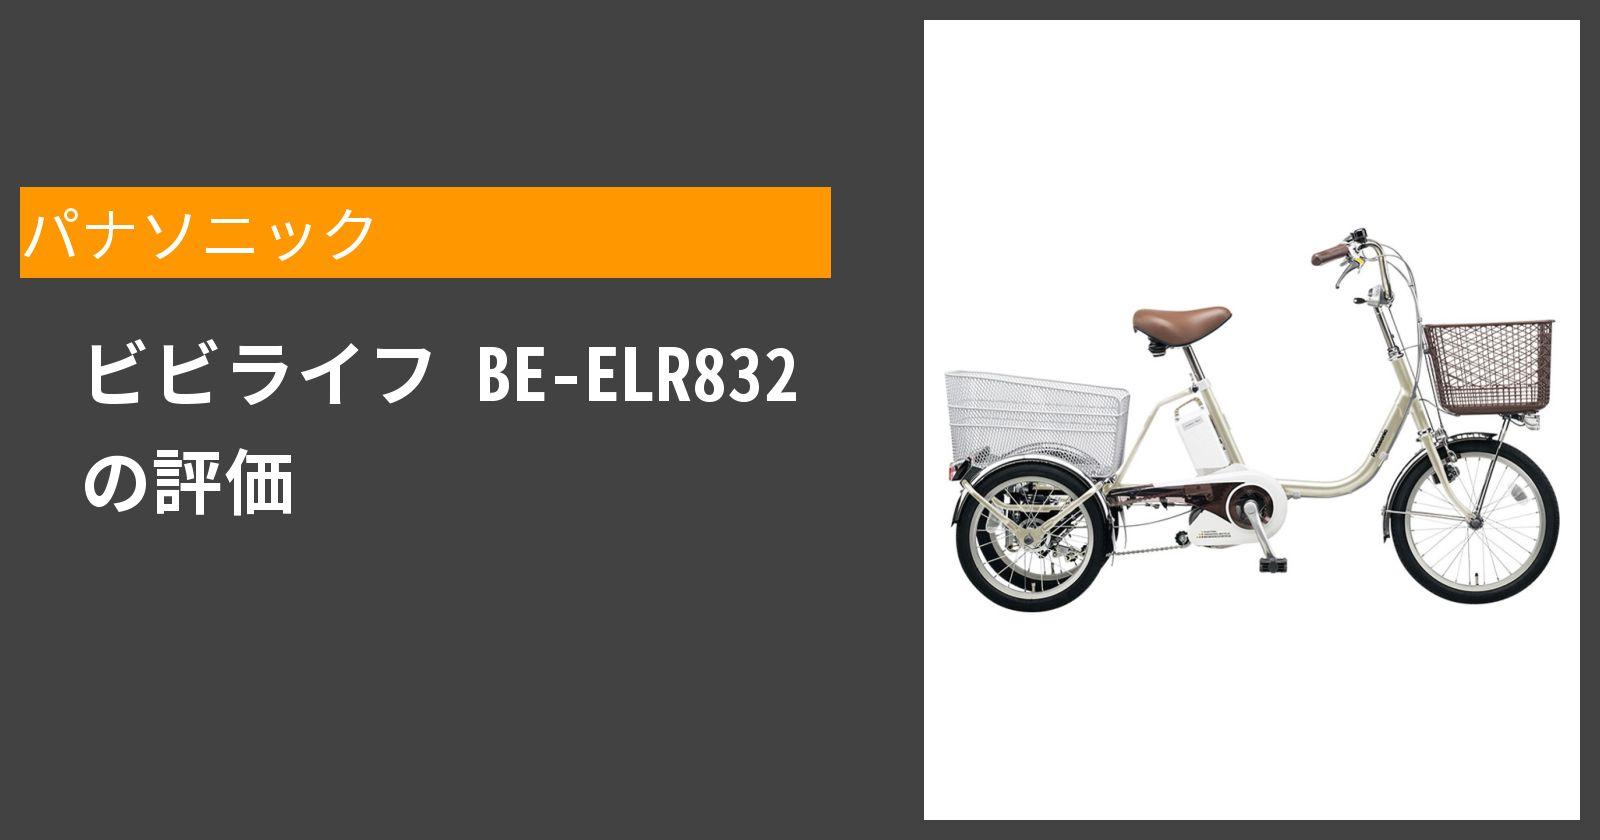 ビビライフ BE-ELR832を徹底評価